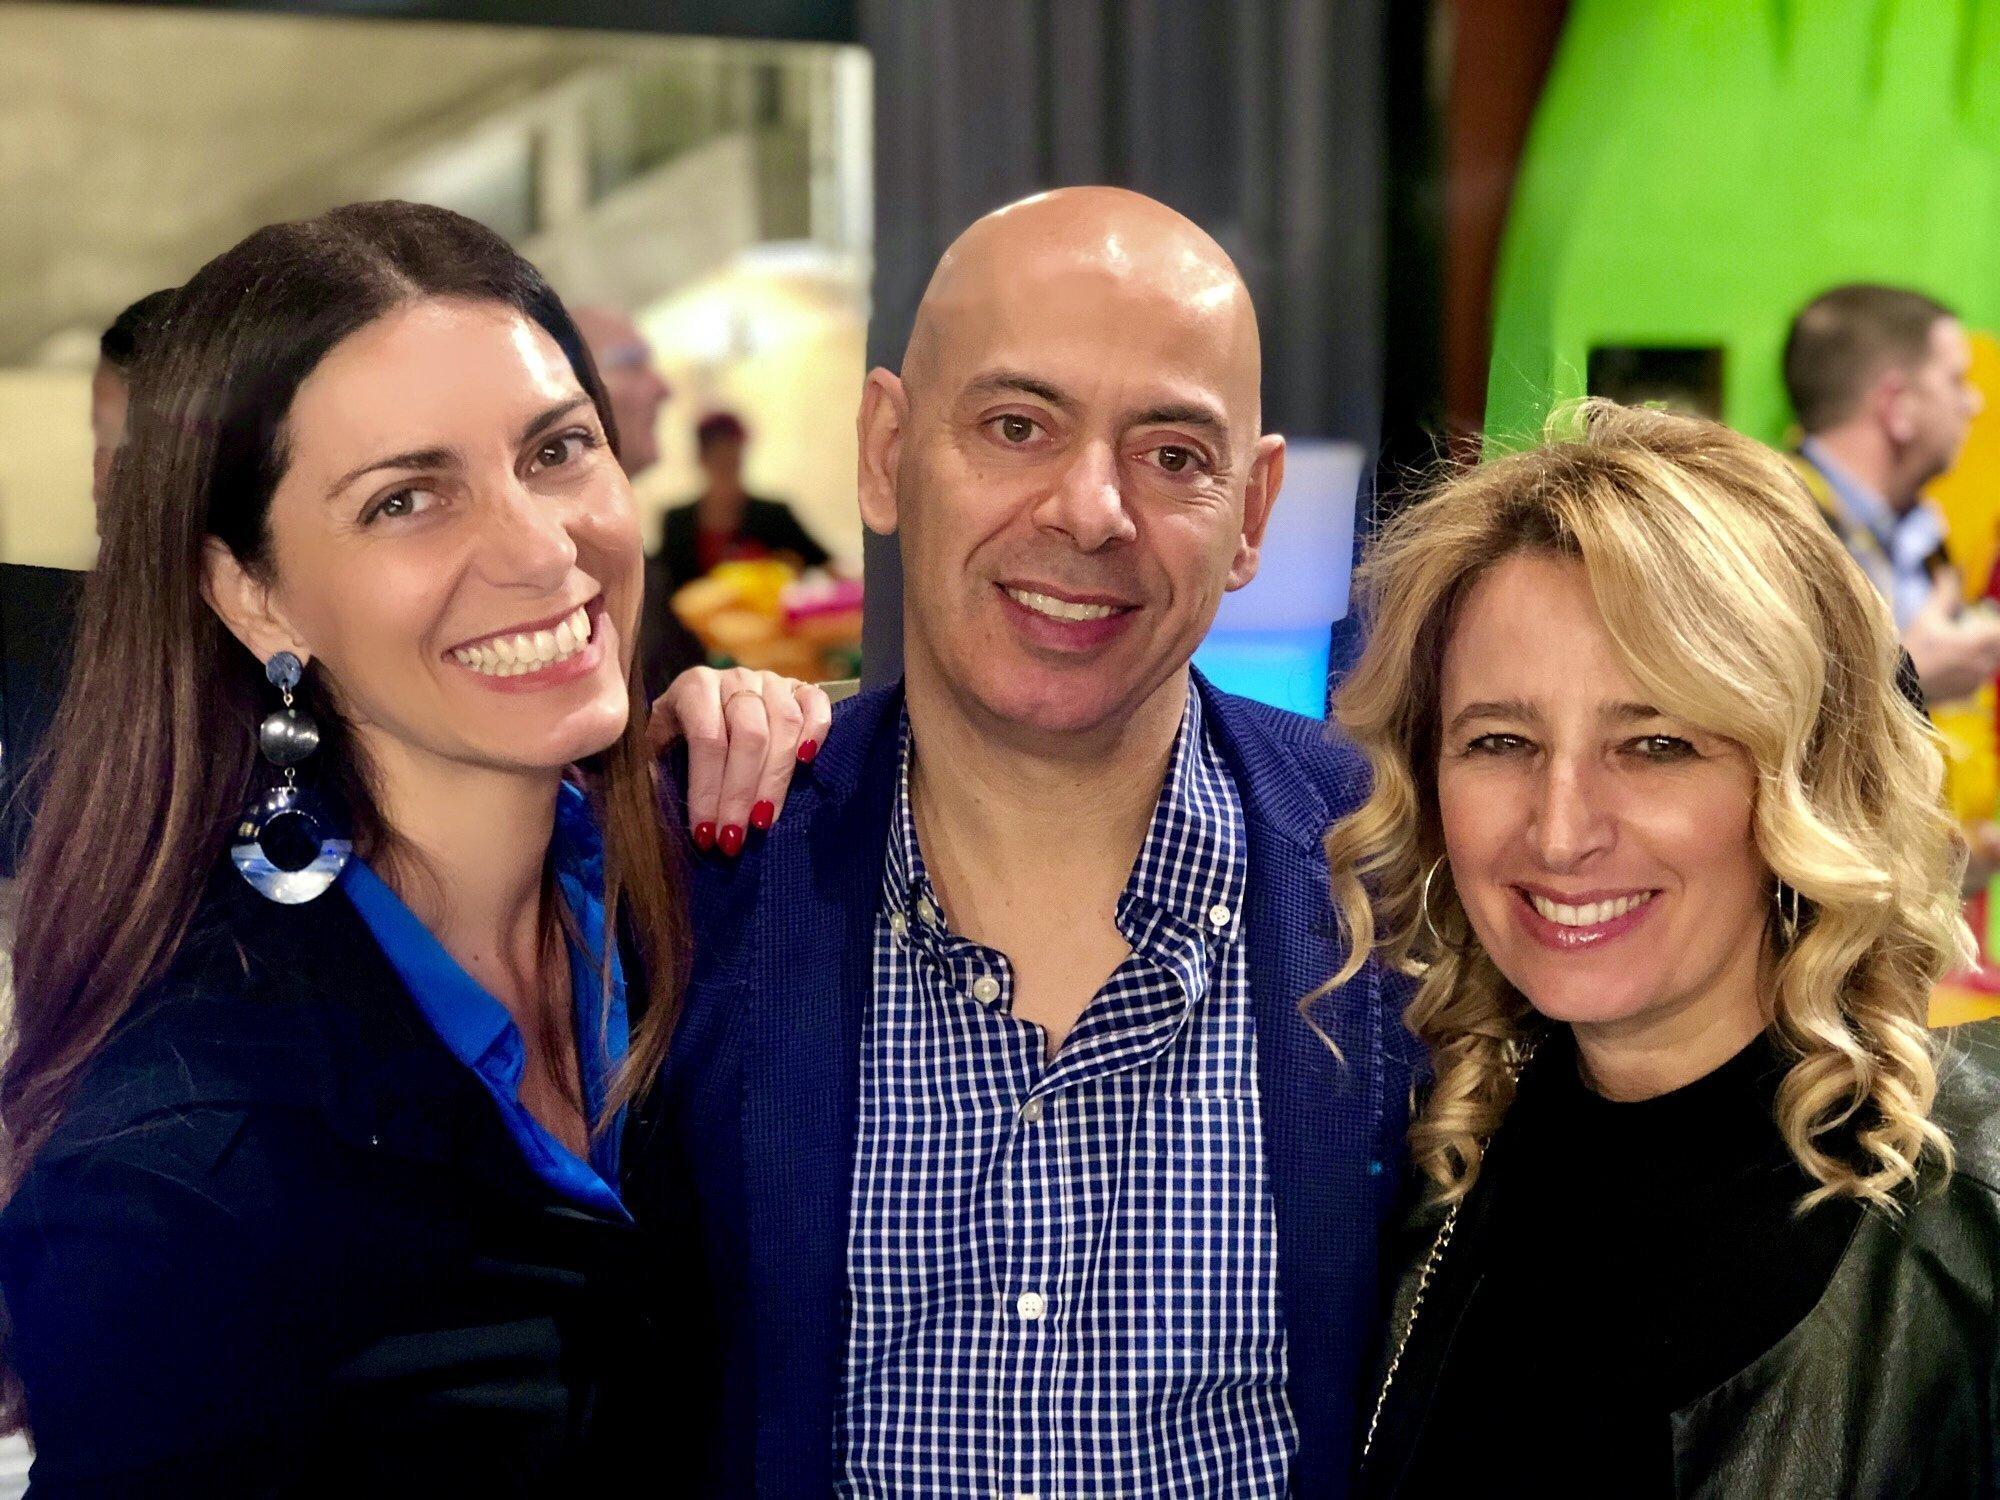 Chiara Giannotti con Fabio Carnevali e Belinda Bortolan, responsabili dell'Ufficio Stampa di Luca Maroni